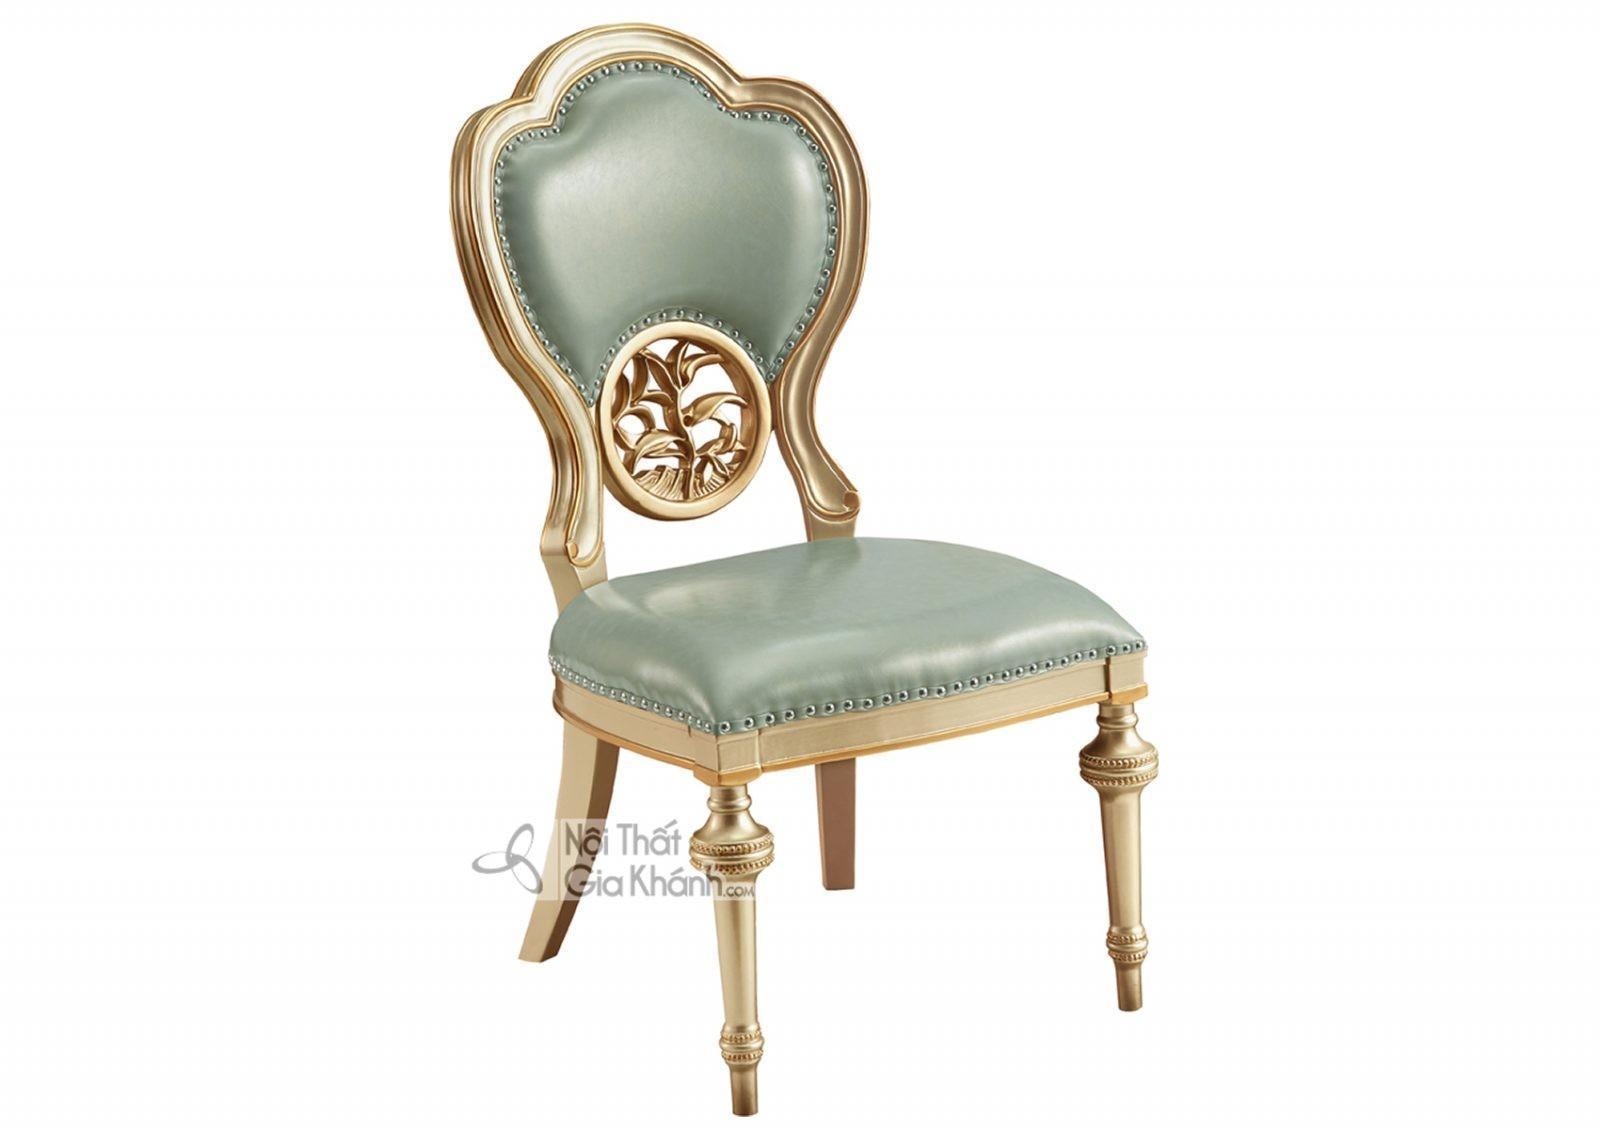 Ghế không tay Tân cổ điển màu vàng rượu Sampanh GA8810A phong cách tinh tế